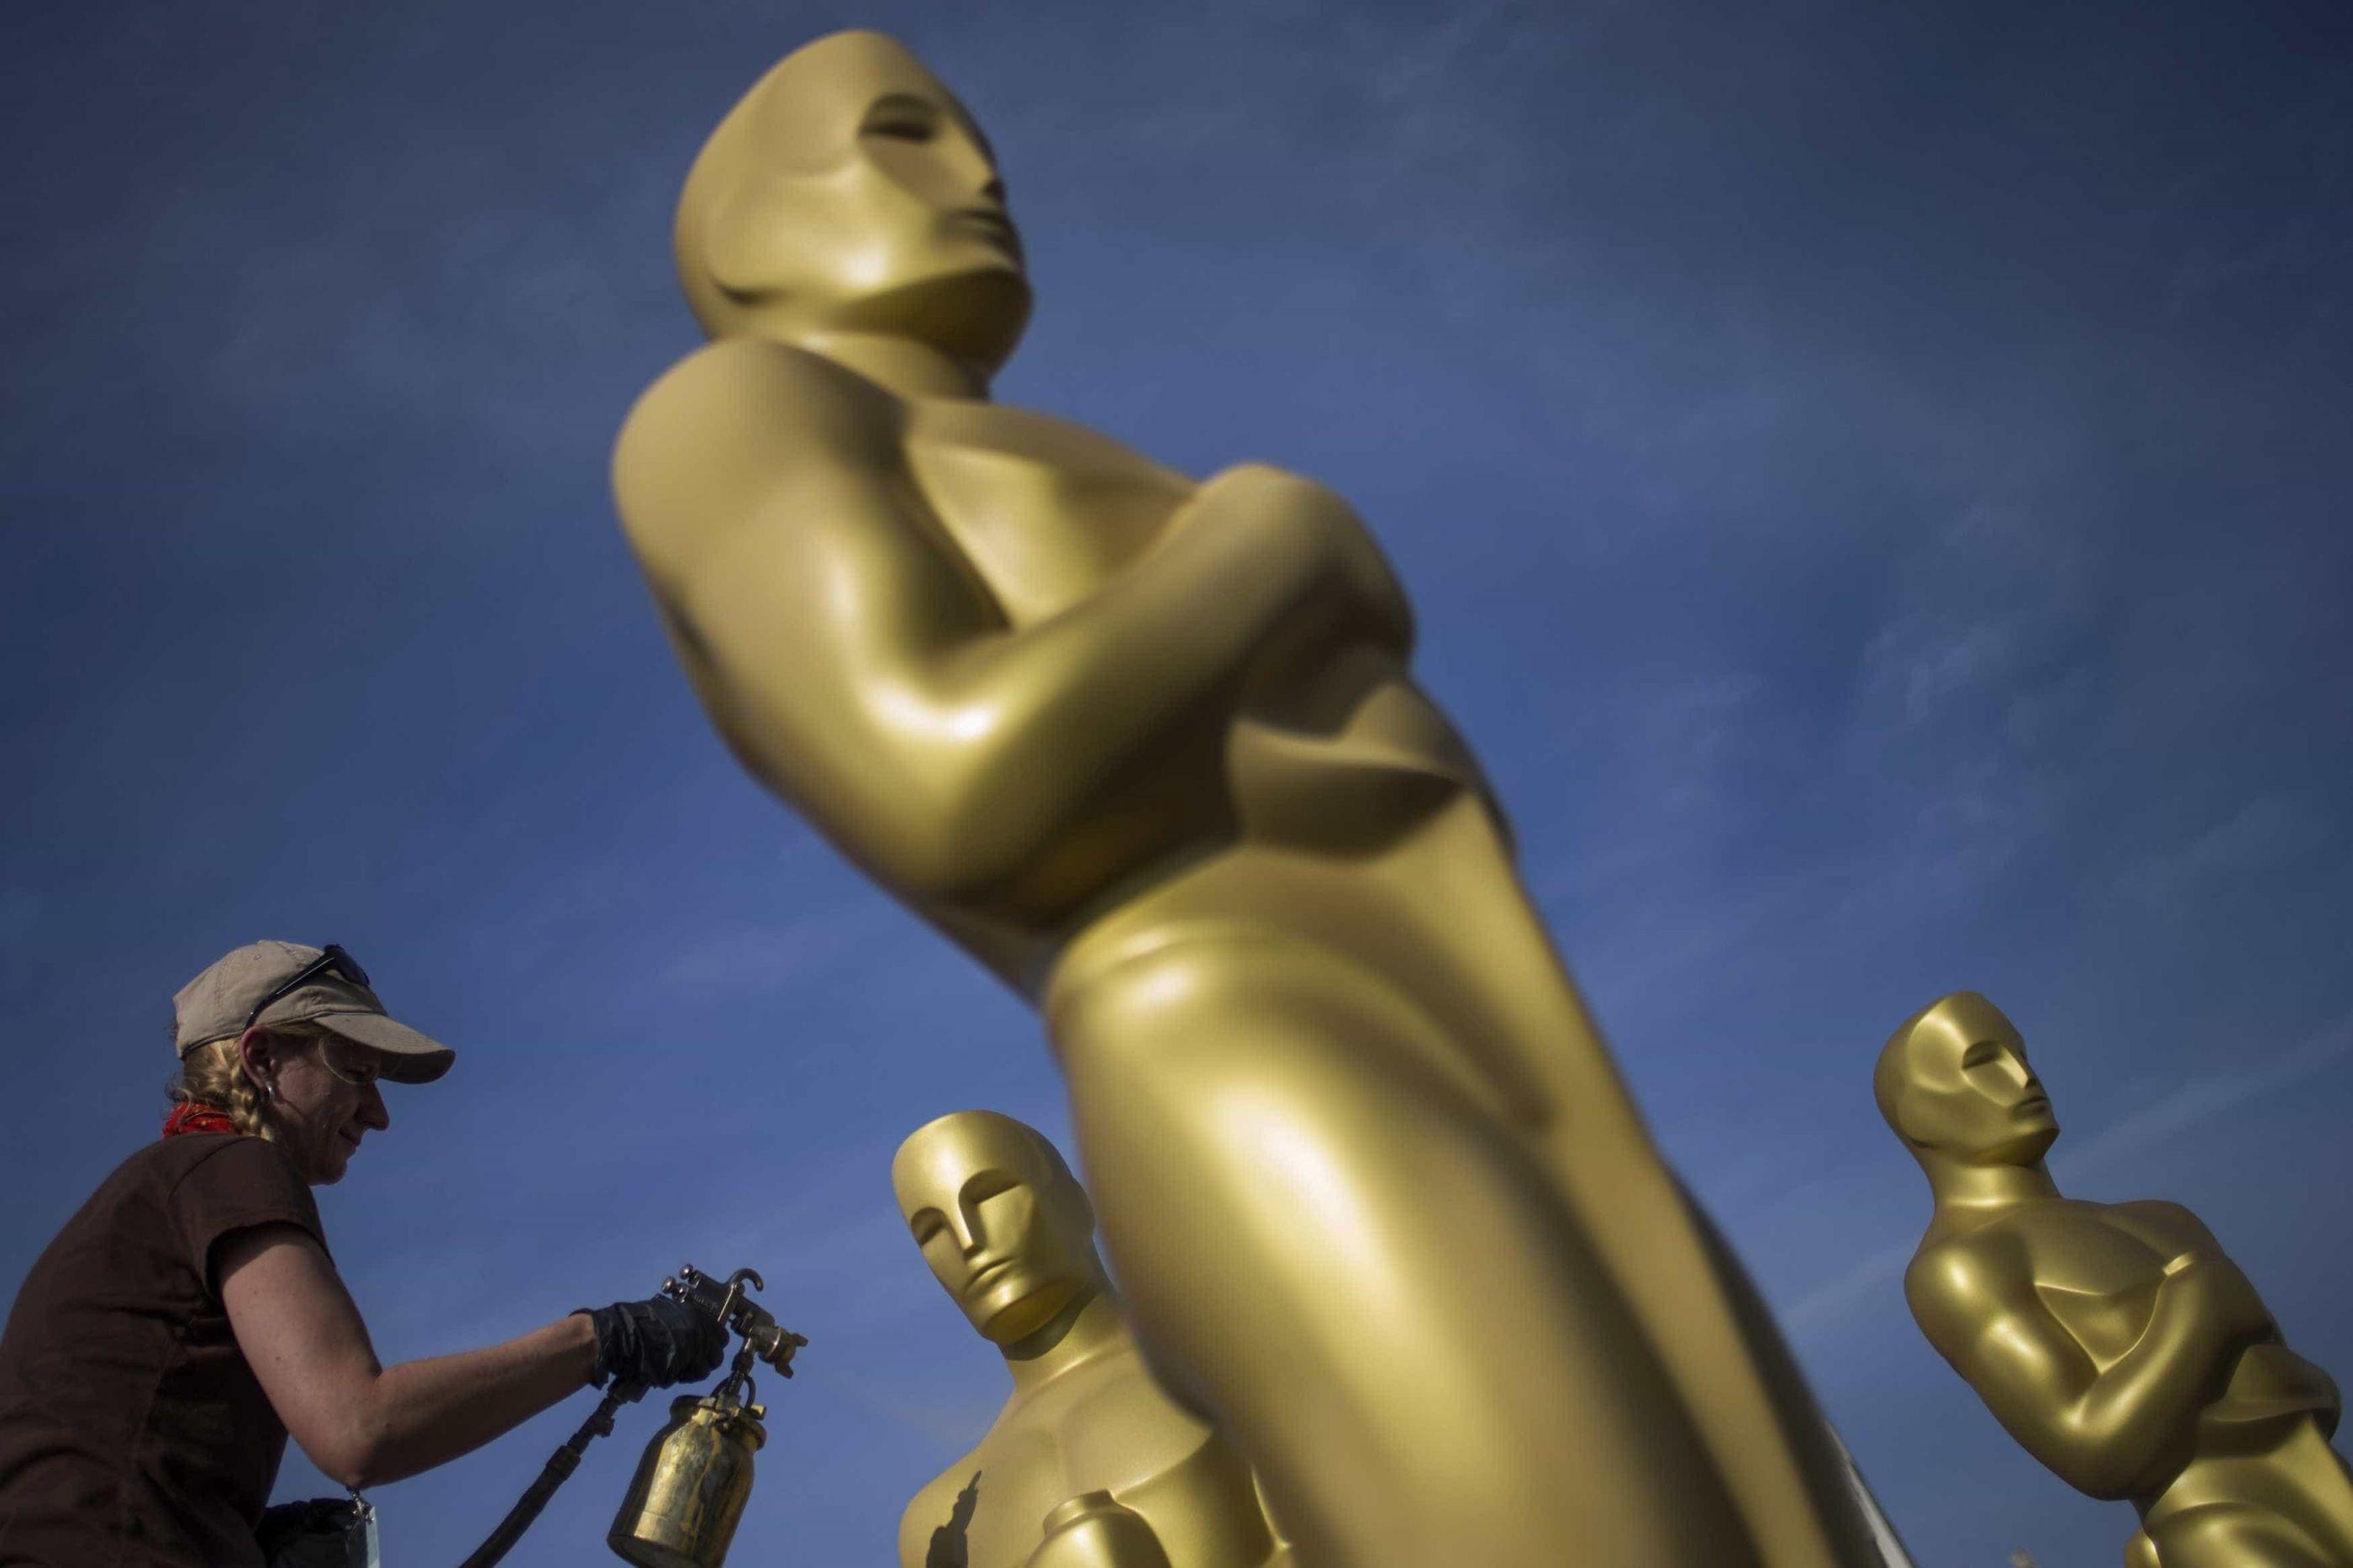 Oscar 2019: confira a lista dos indicados ao prêmio